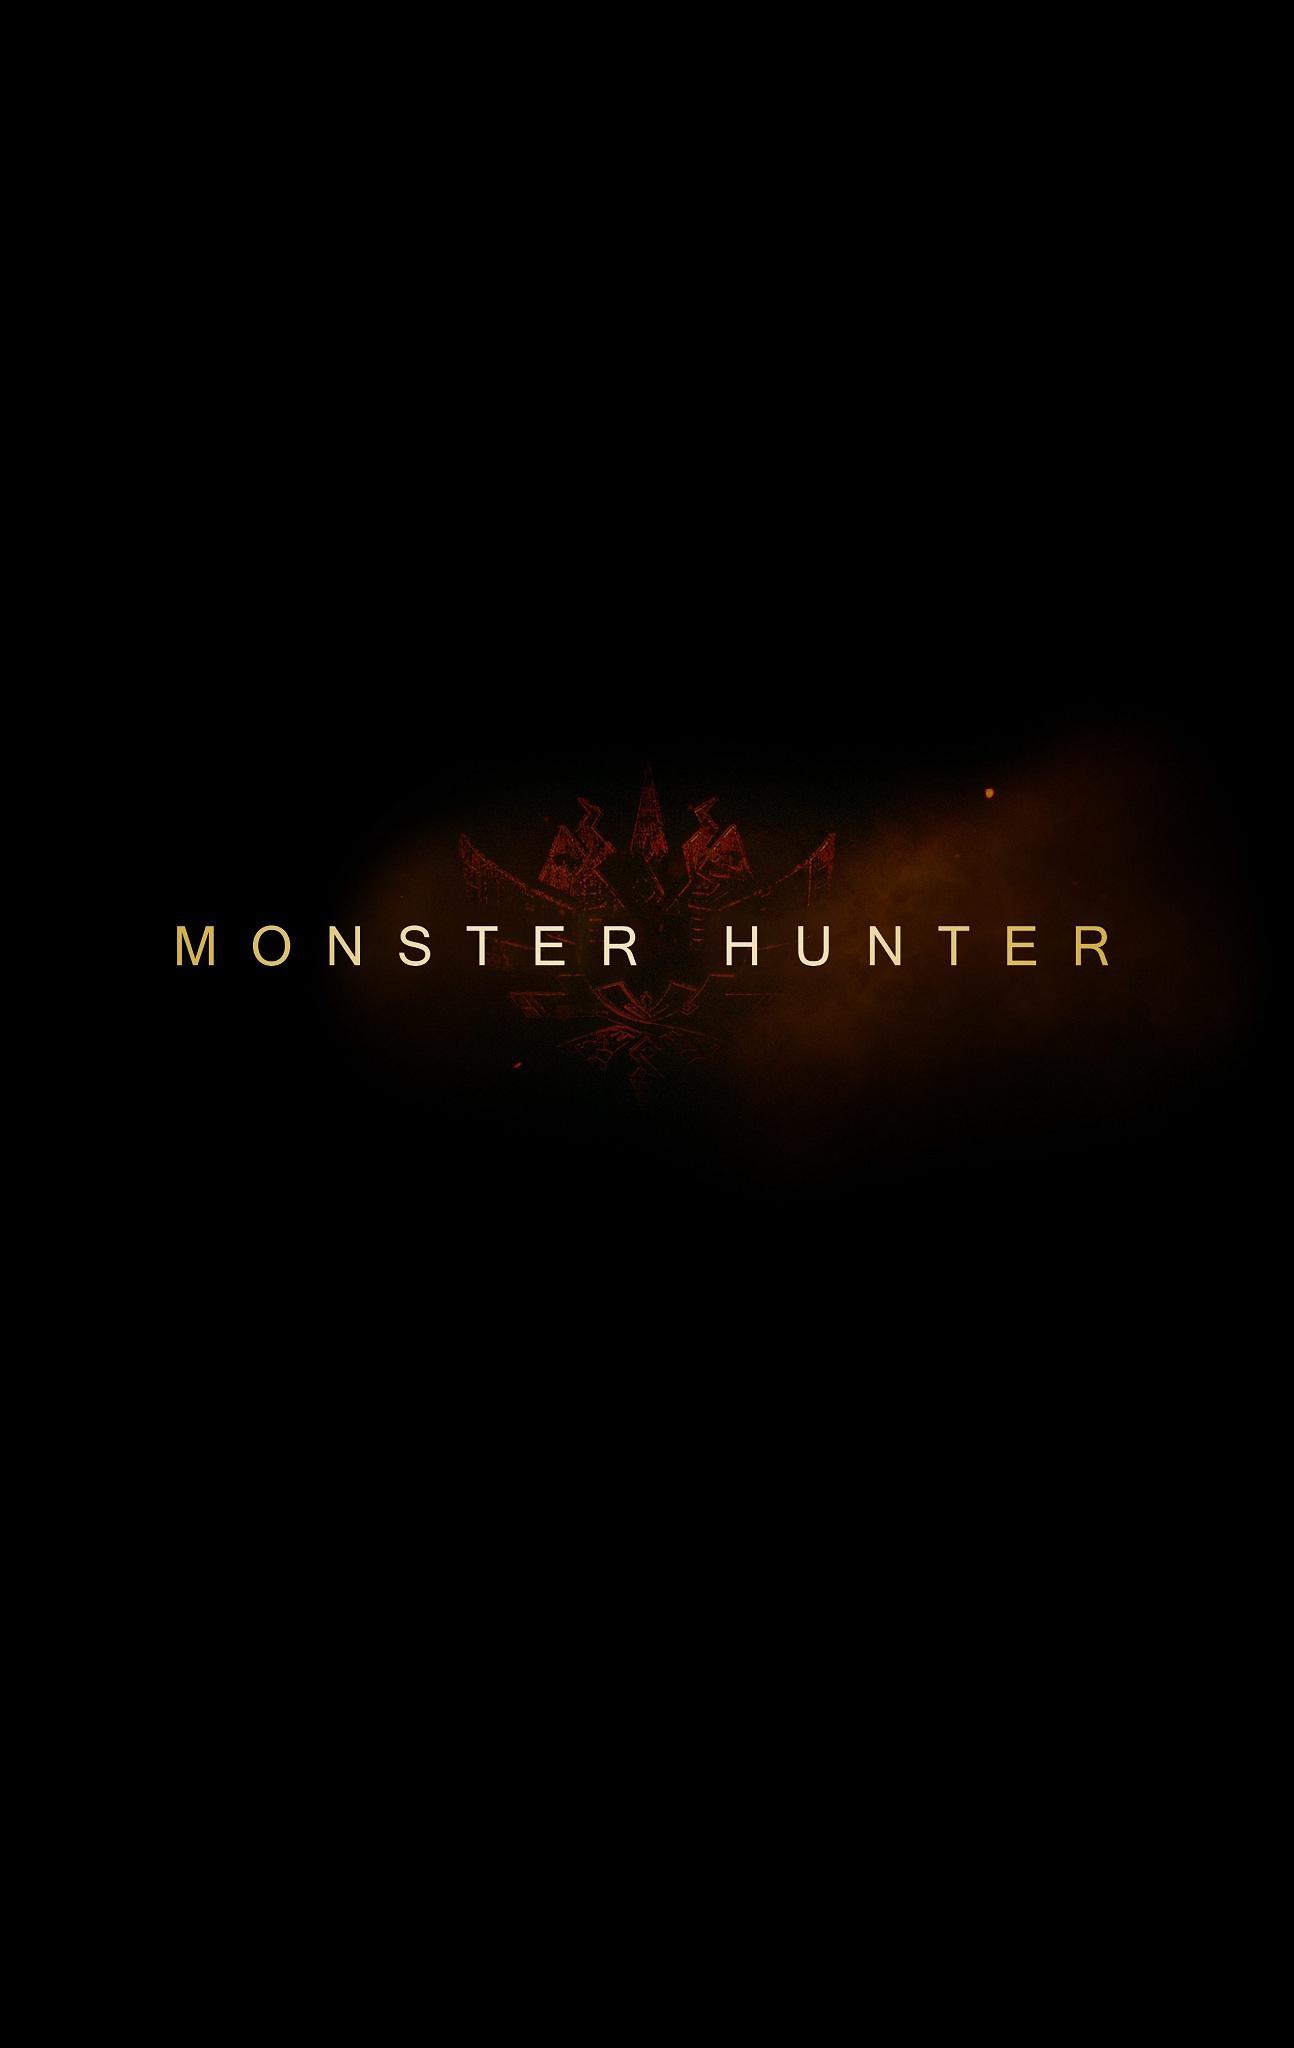 《怪物猎人》真人电影剧照曝光,居然有人拿着步枪打怪兽!插图